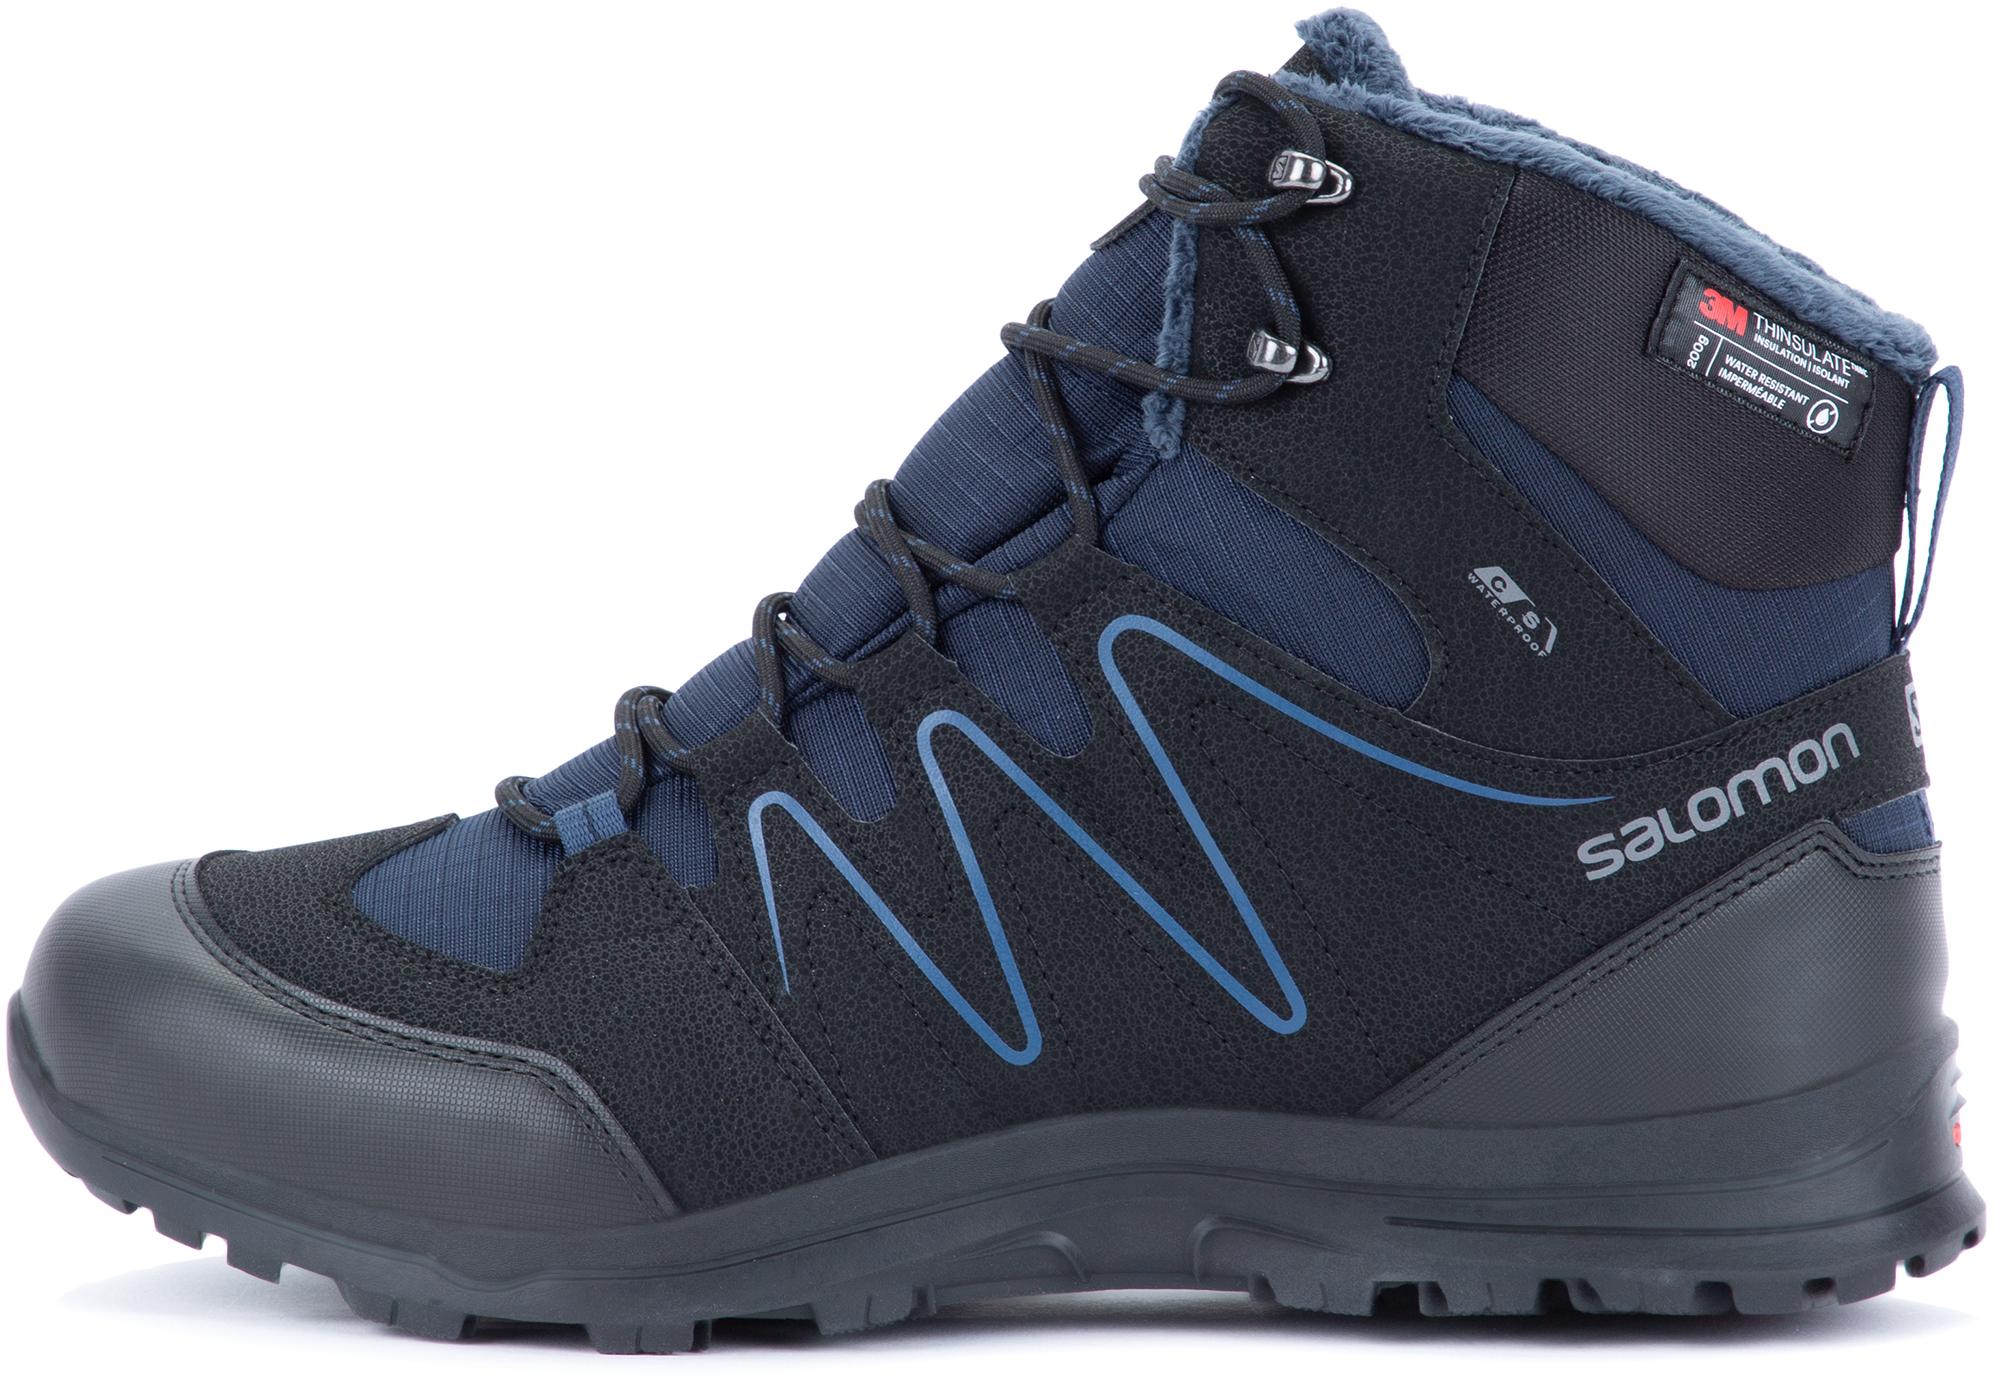 Ботинки утепленные мужские Salomon Shallow, размер 41.5